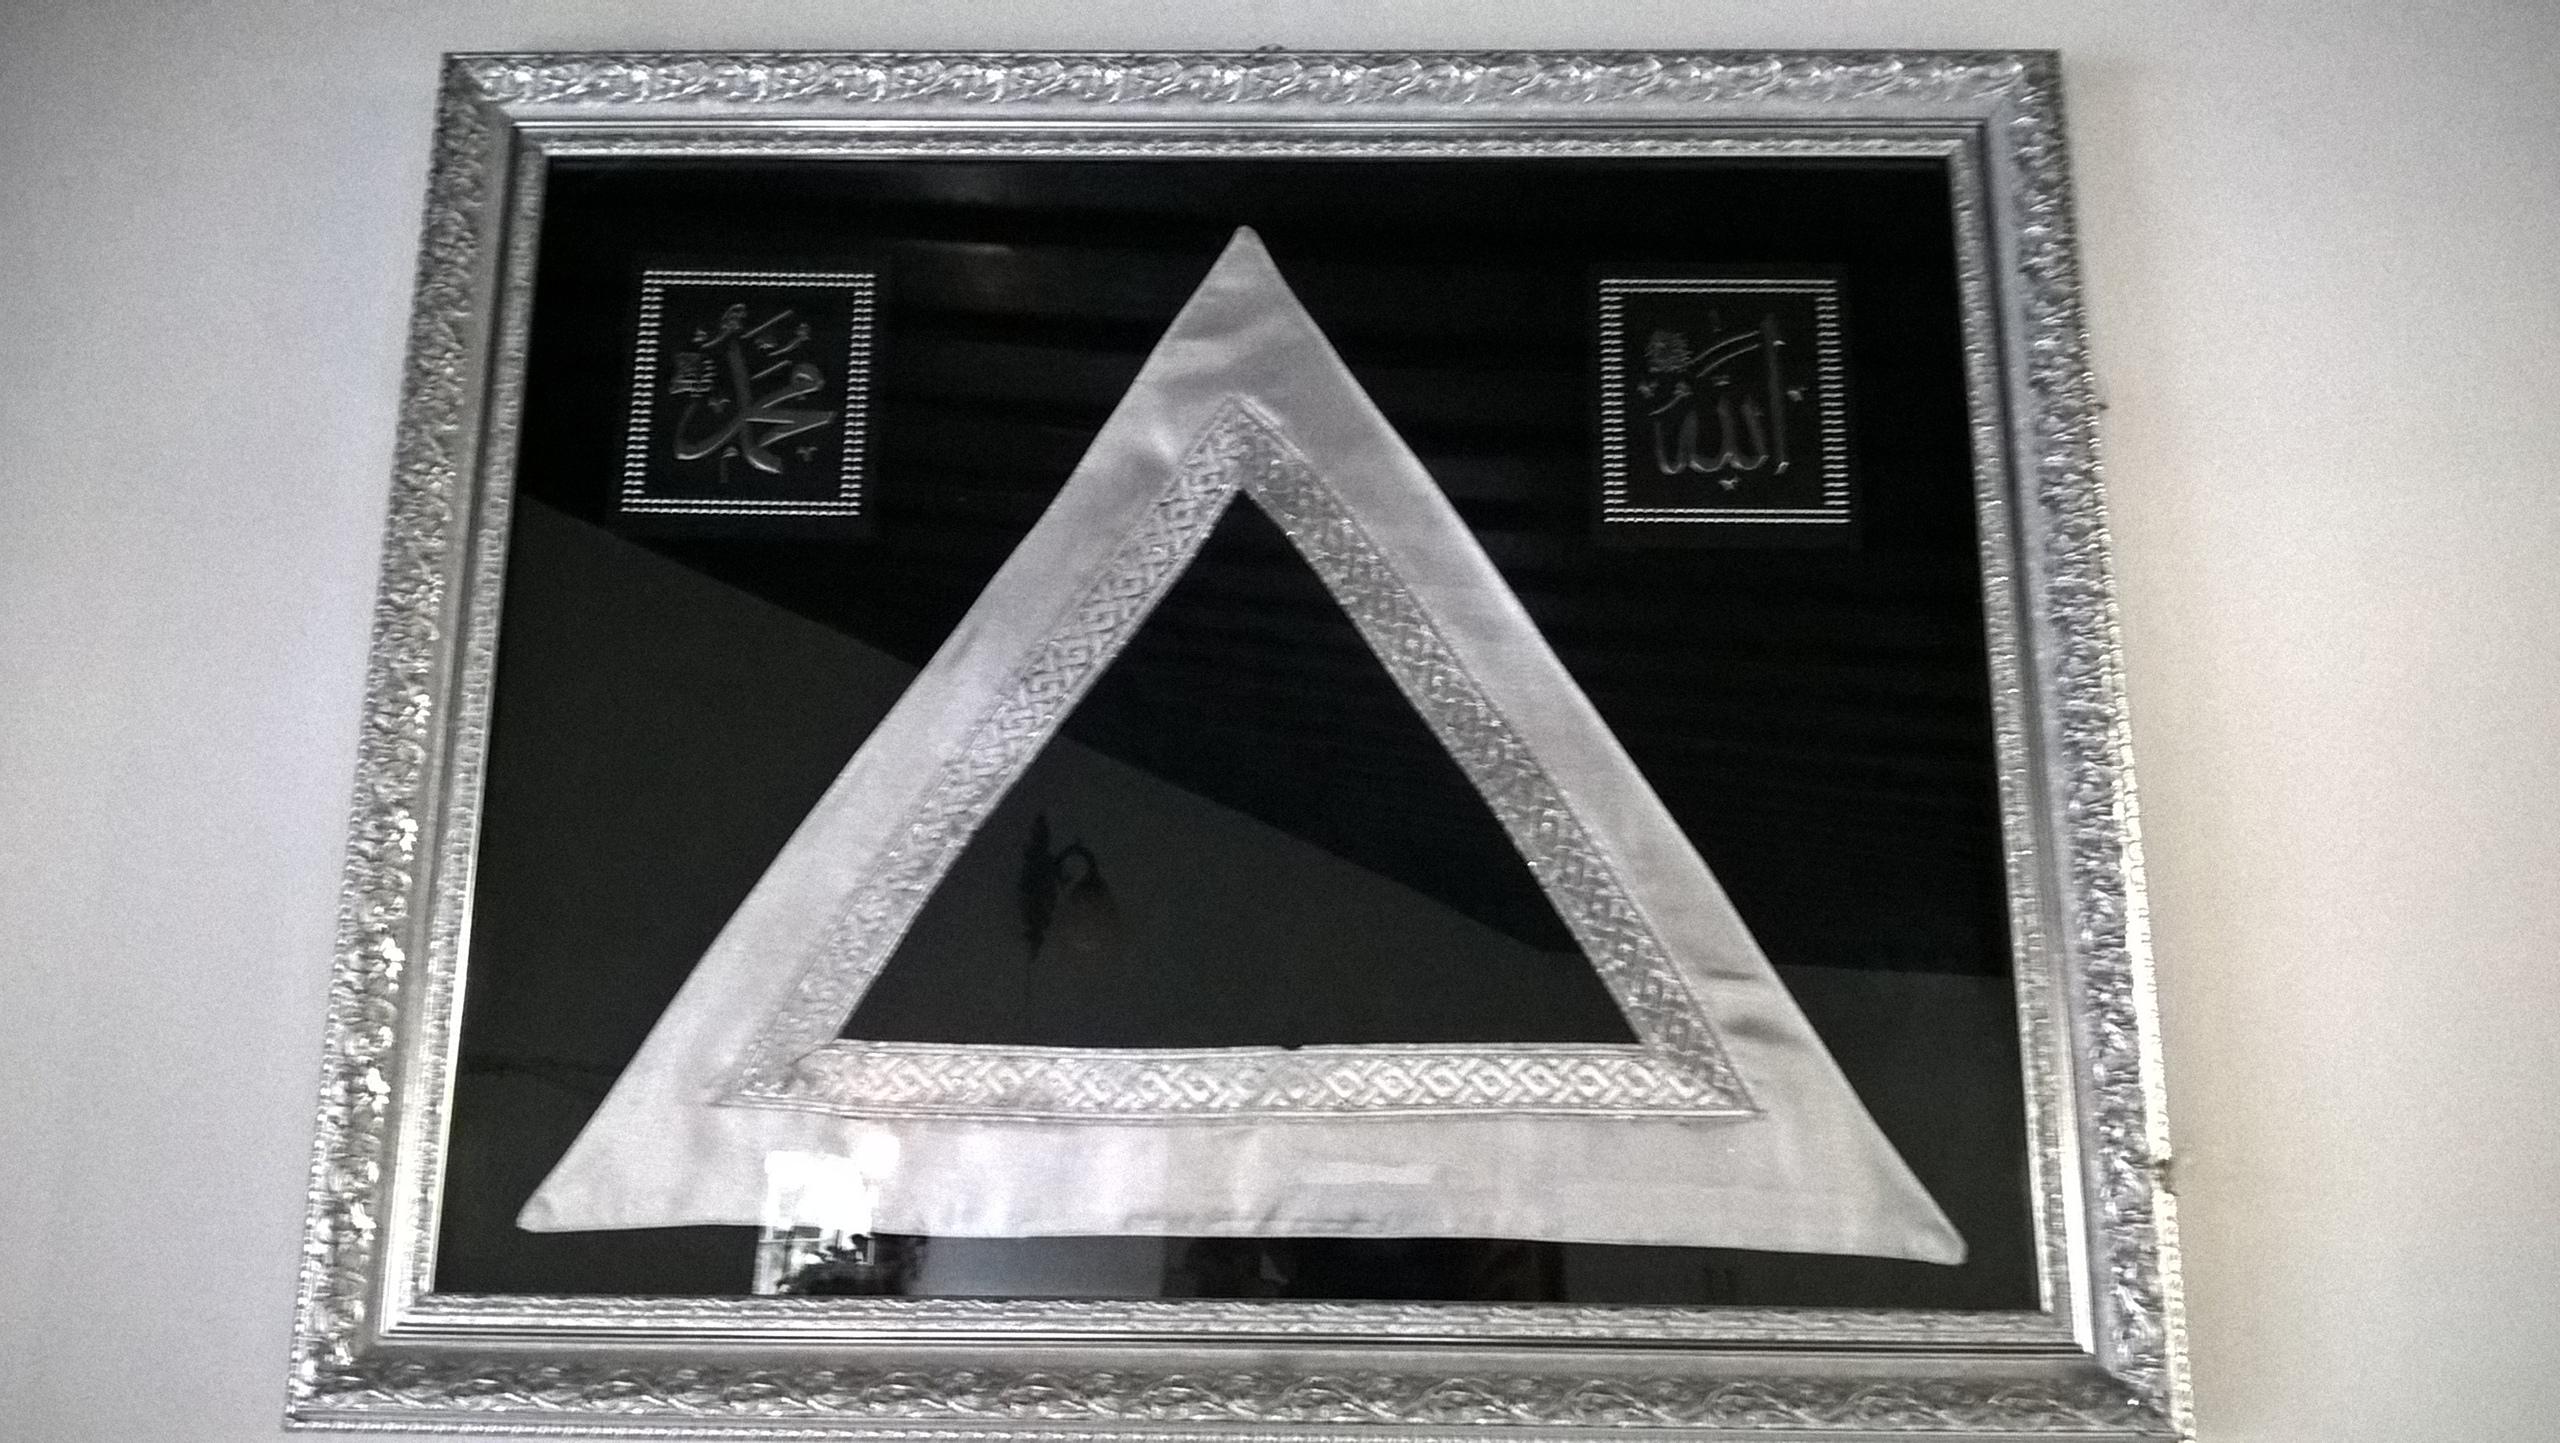 Треугольник означает Каабу